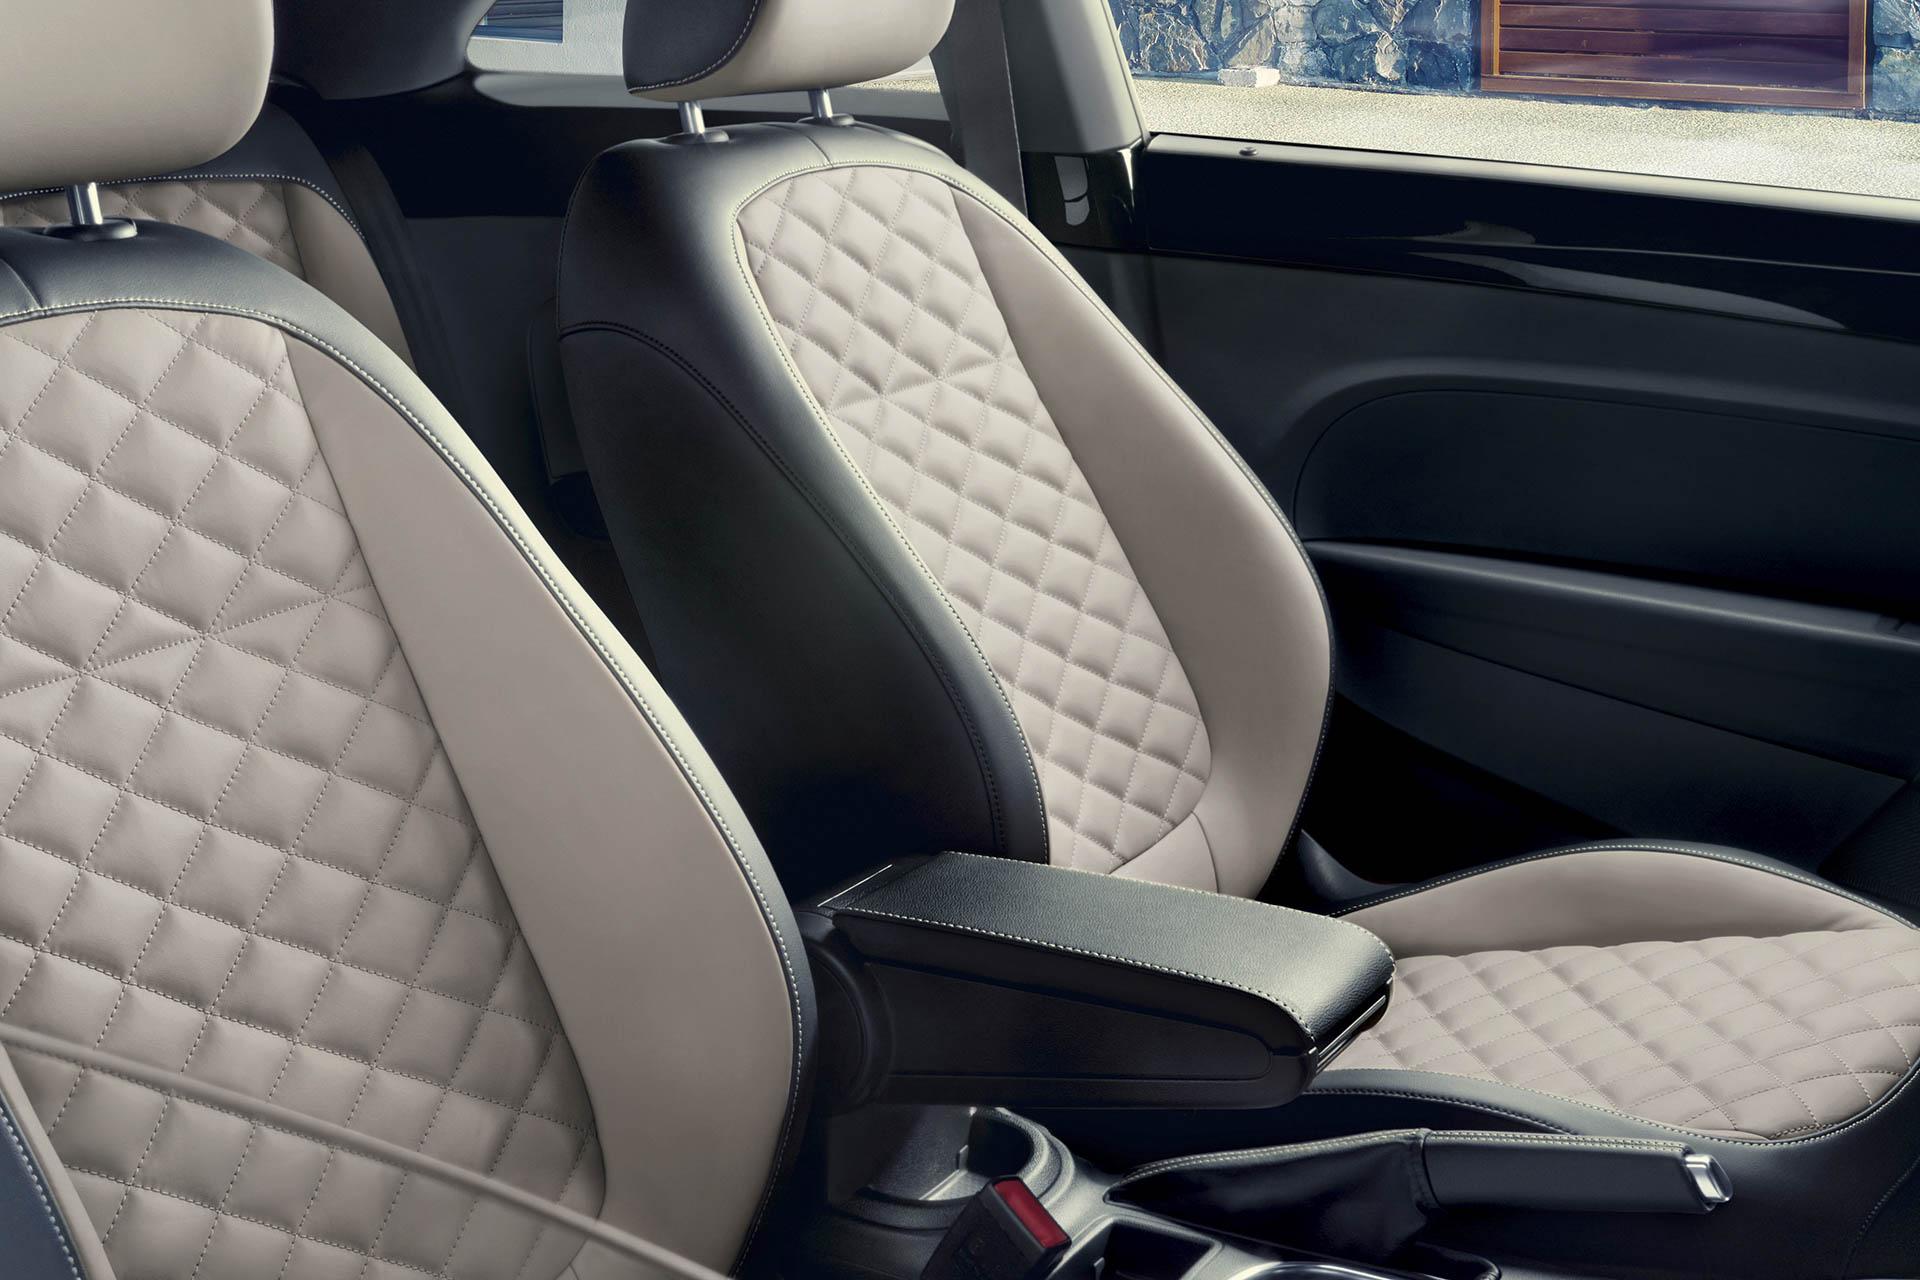 2019 Volkswagen Beetle Convertible seat detail